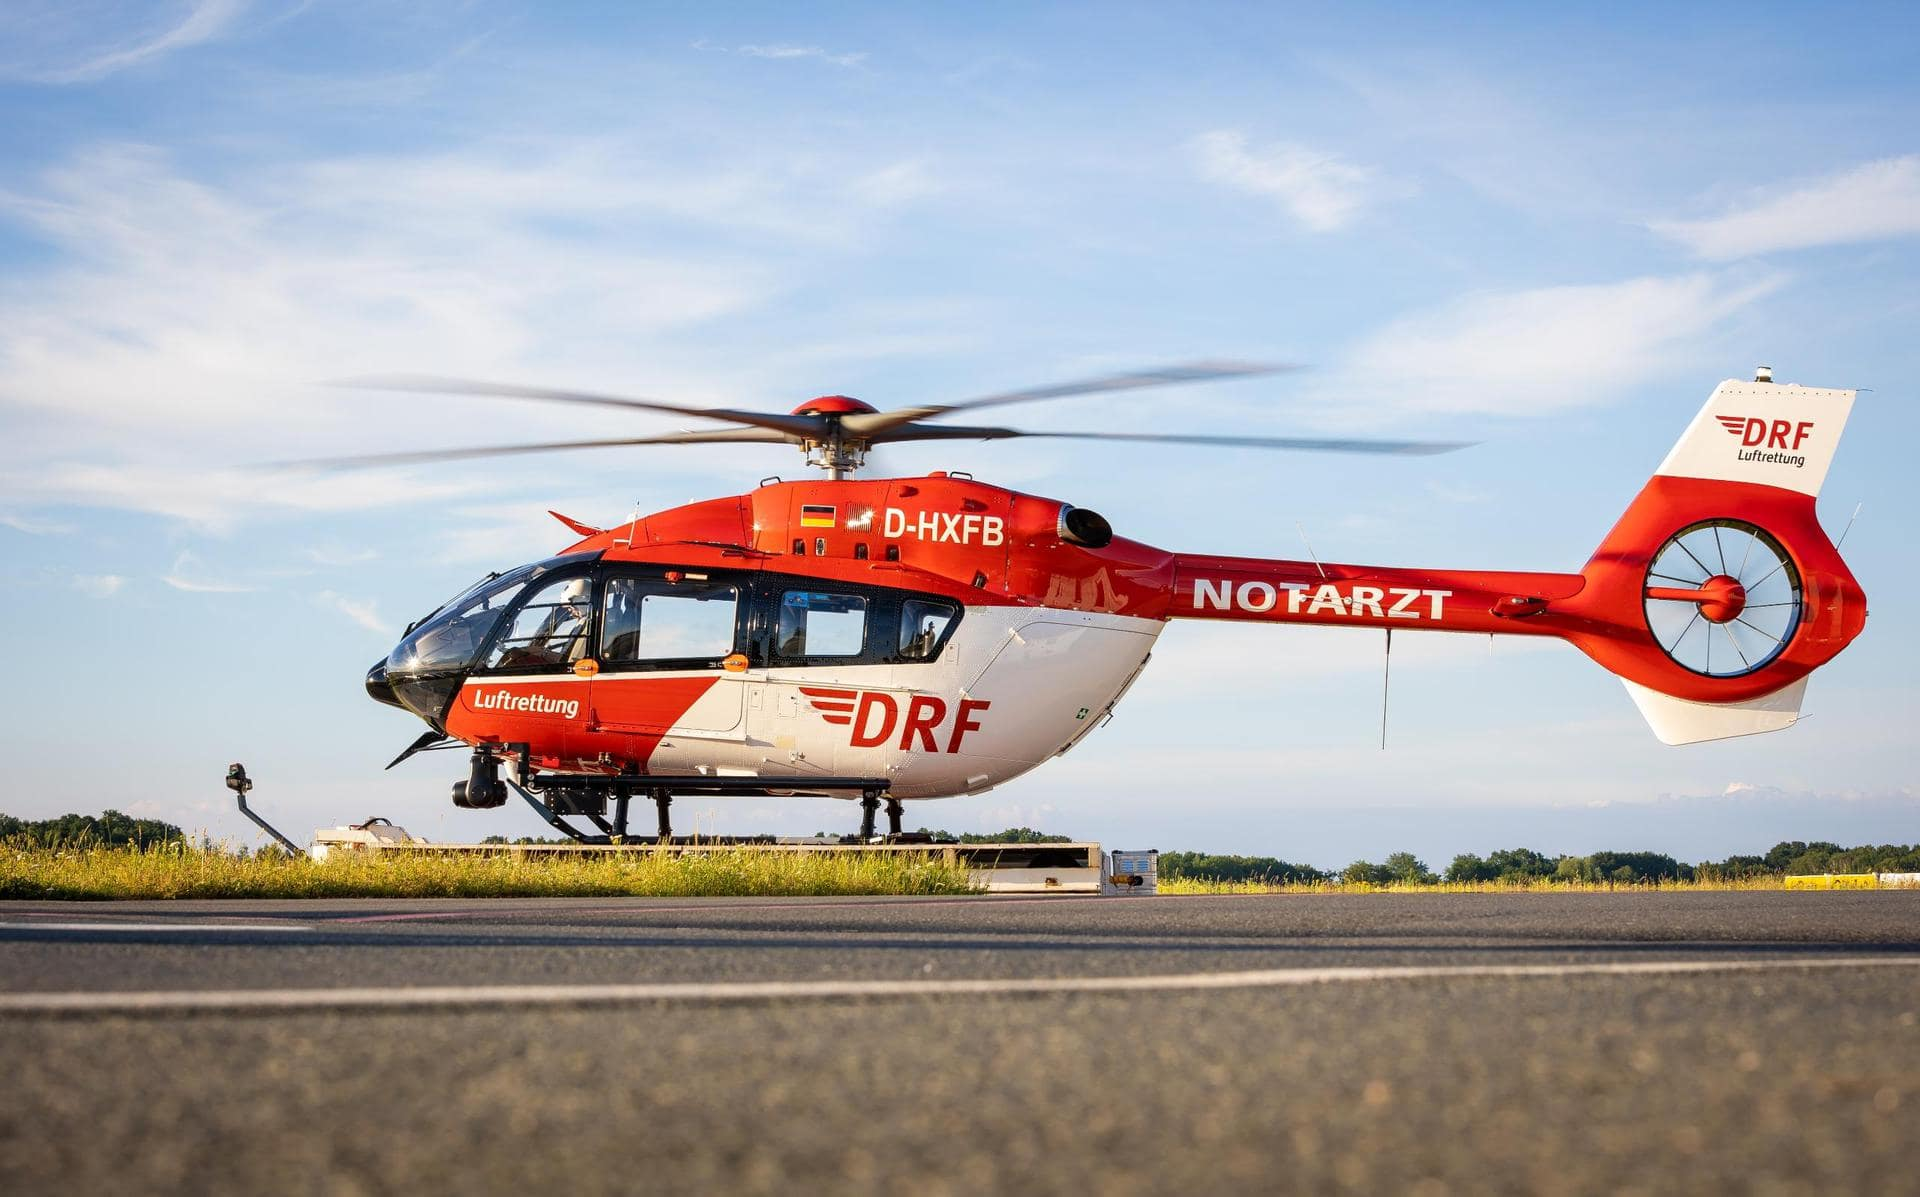 DRF-Luftrettung setzt auf Pilotprojekt Fliegen ohne Sicht?